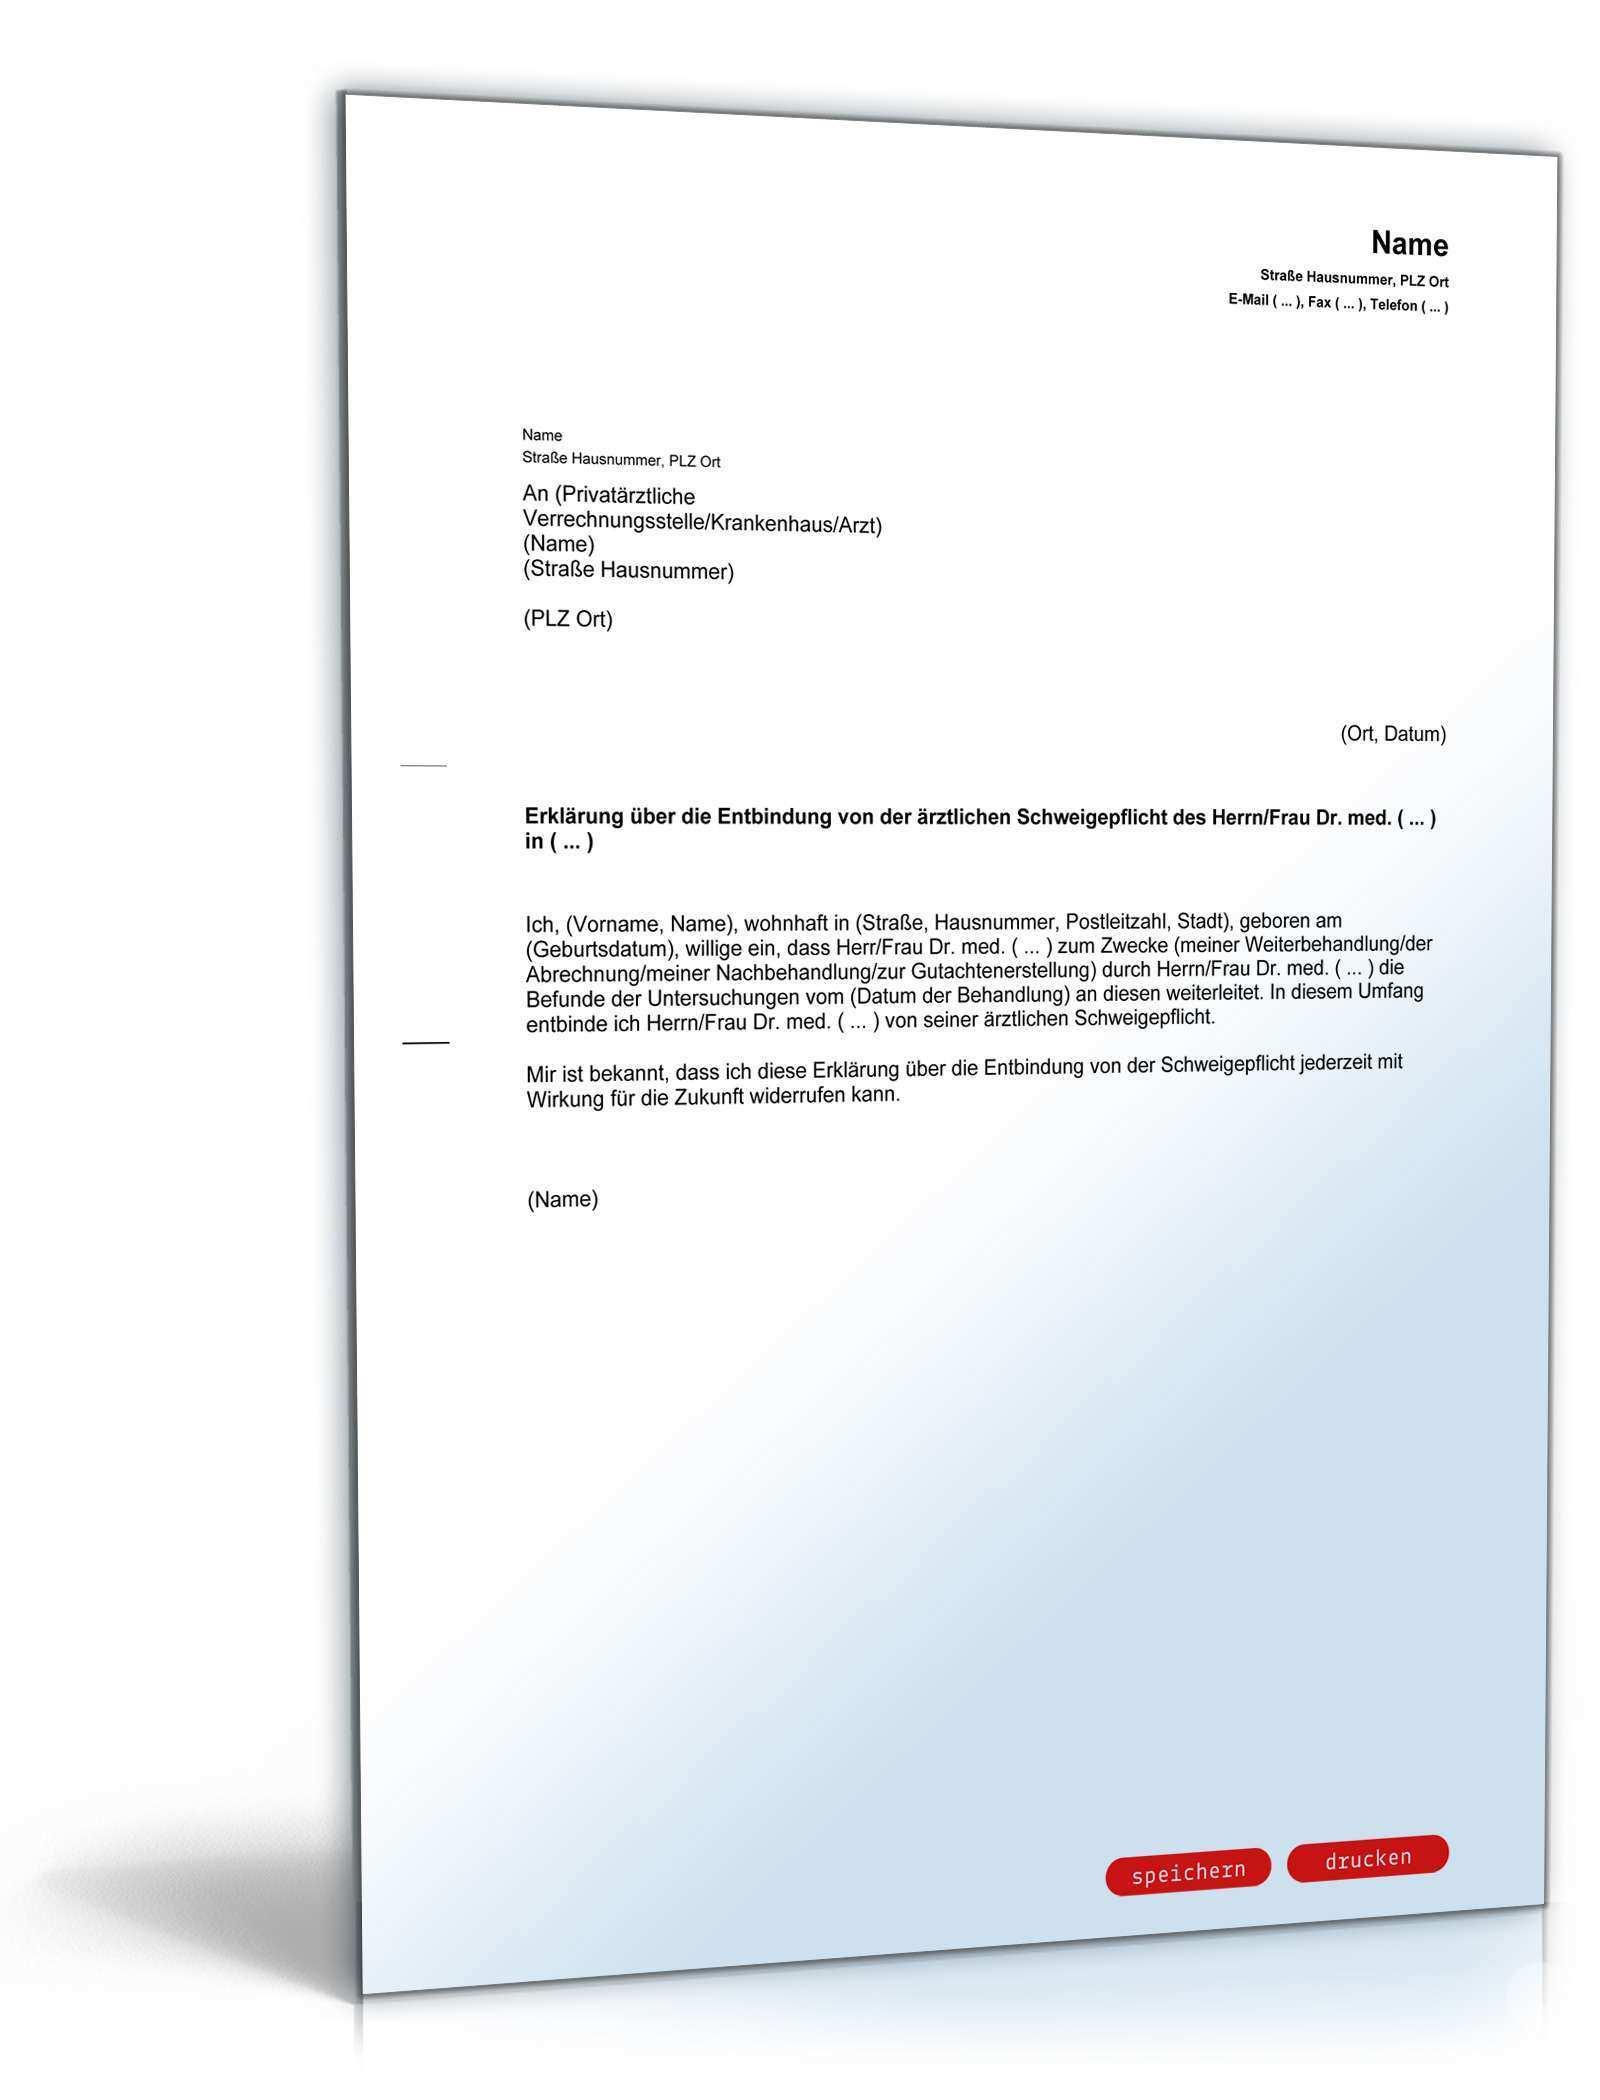 Entbindung Arztliche Schweigepflicht Musterbrief Zum Download